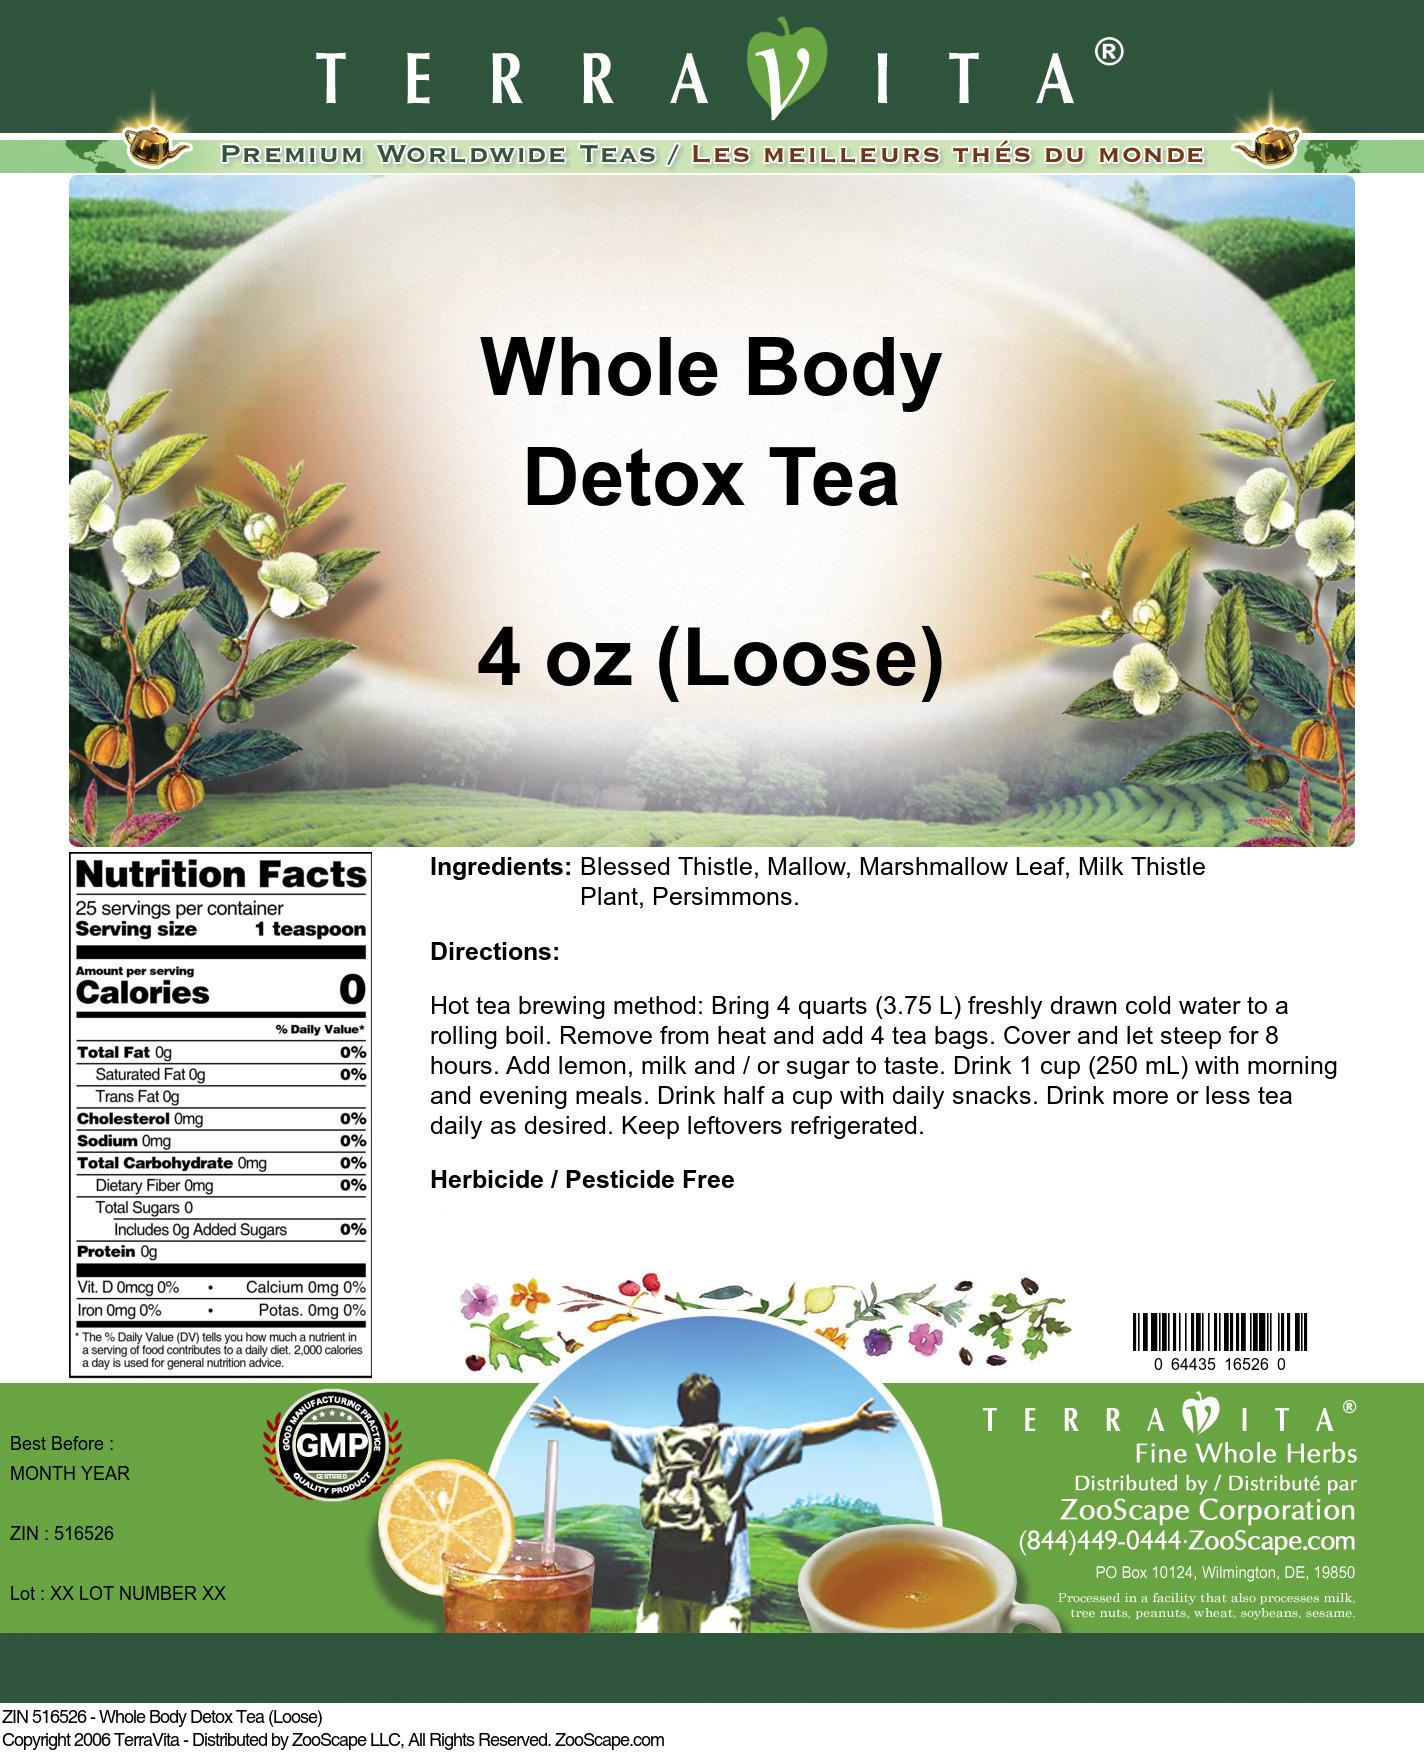 Whole Body Detox